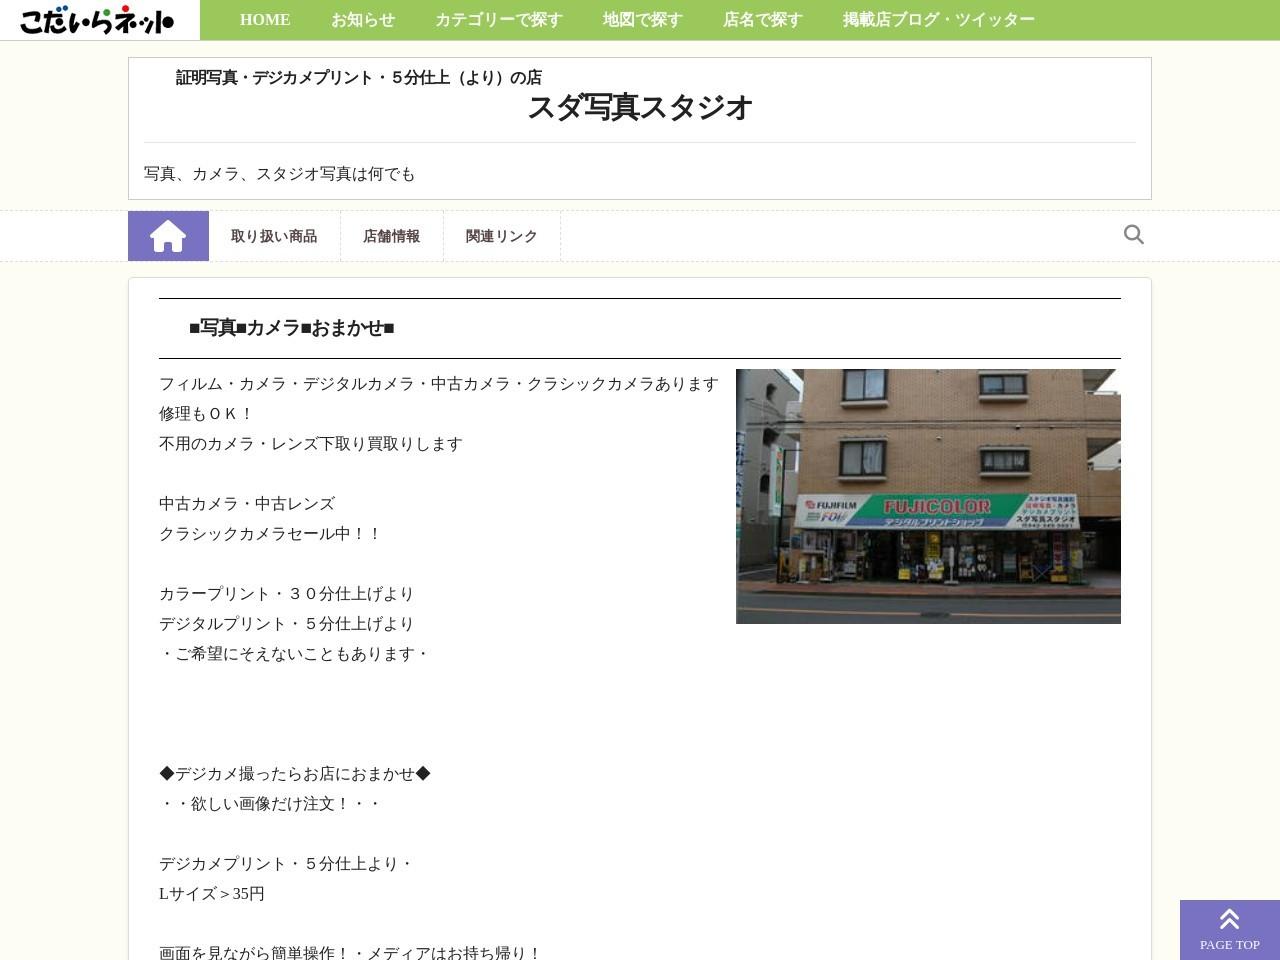 小平市 | 証明写真・デジカメプリント・5分仕上(より)の店 スダ写真スタジオ